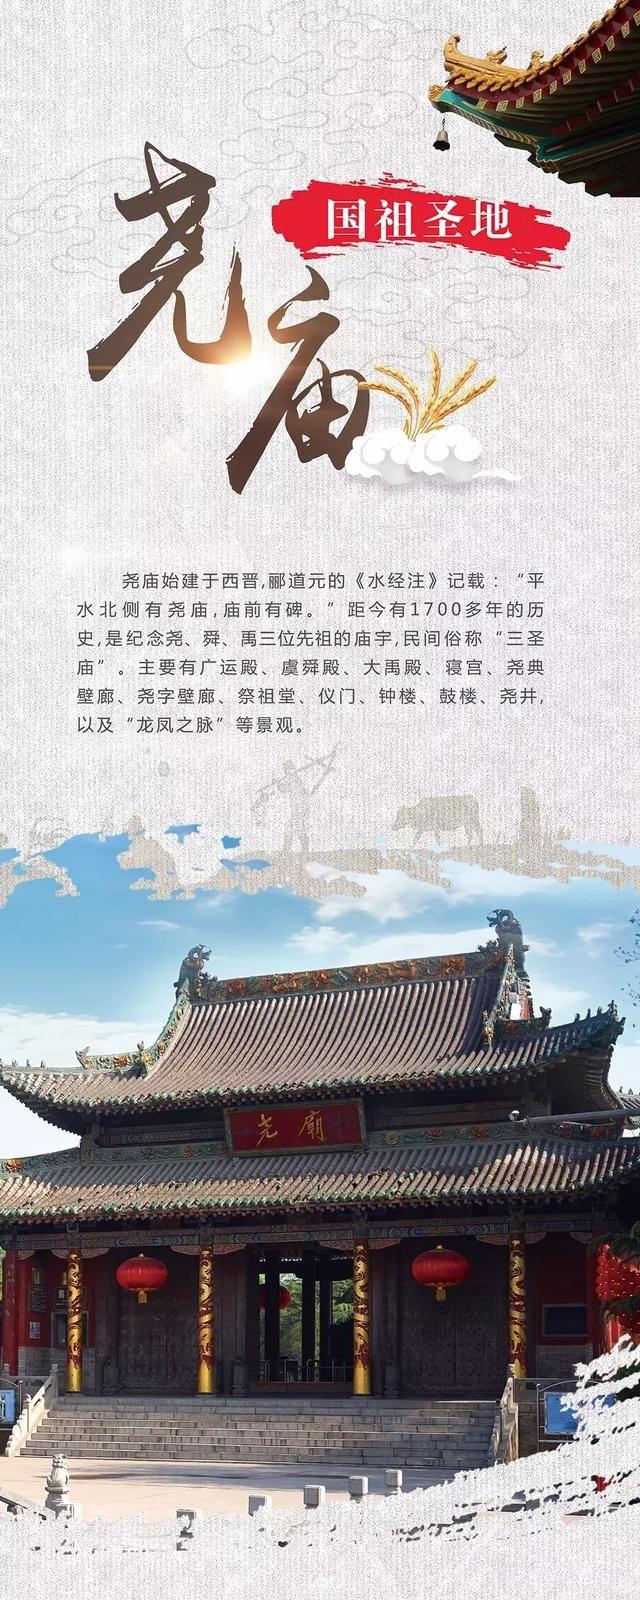 中国文明从这里开始:中国临汾尧都旅游景点盘点推荐